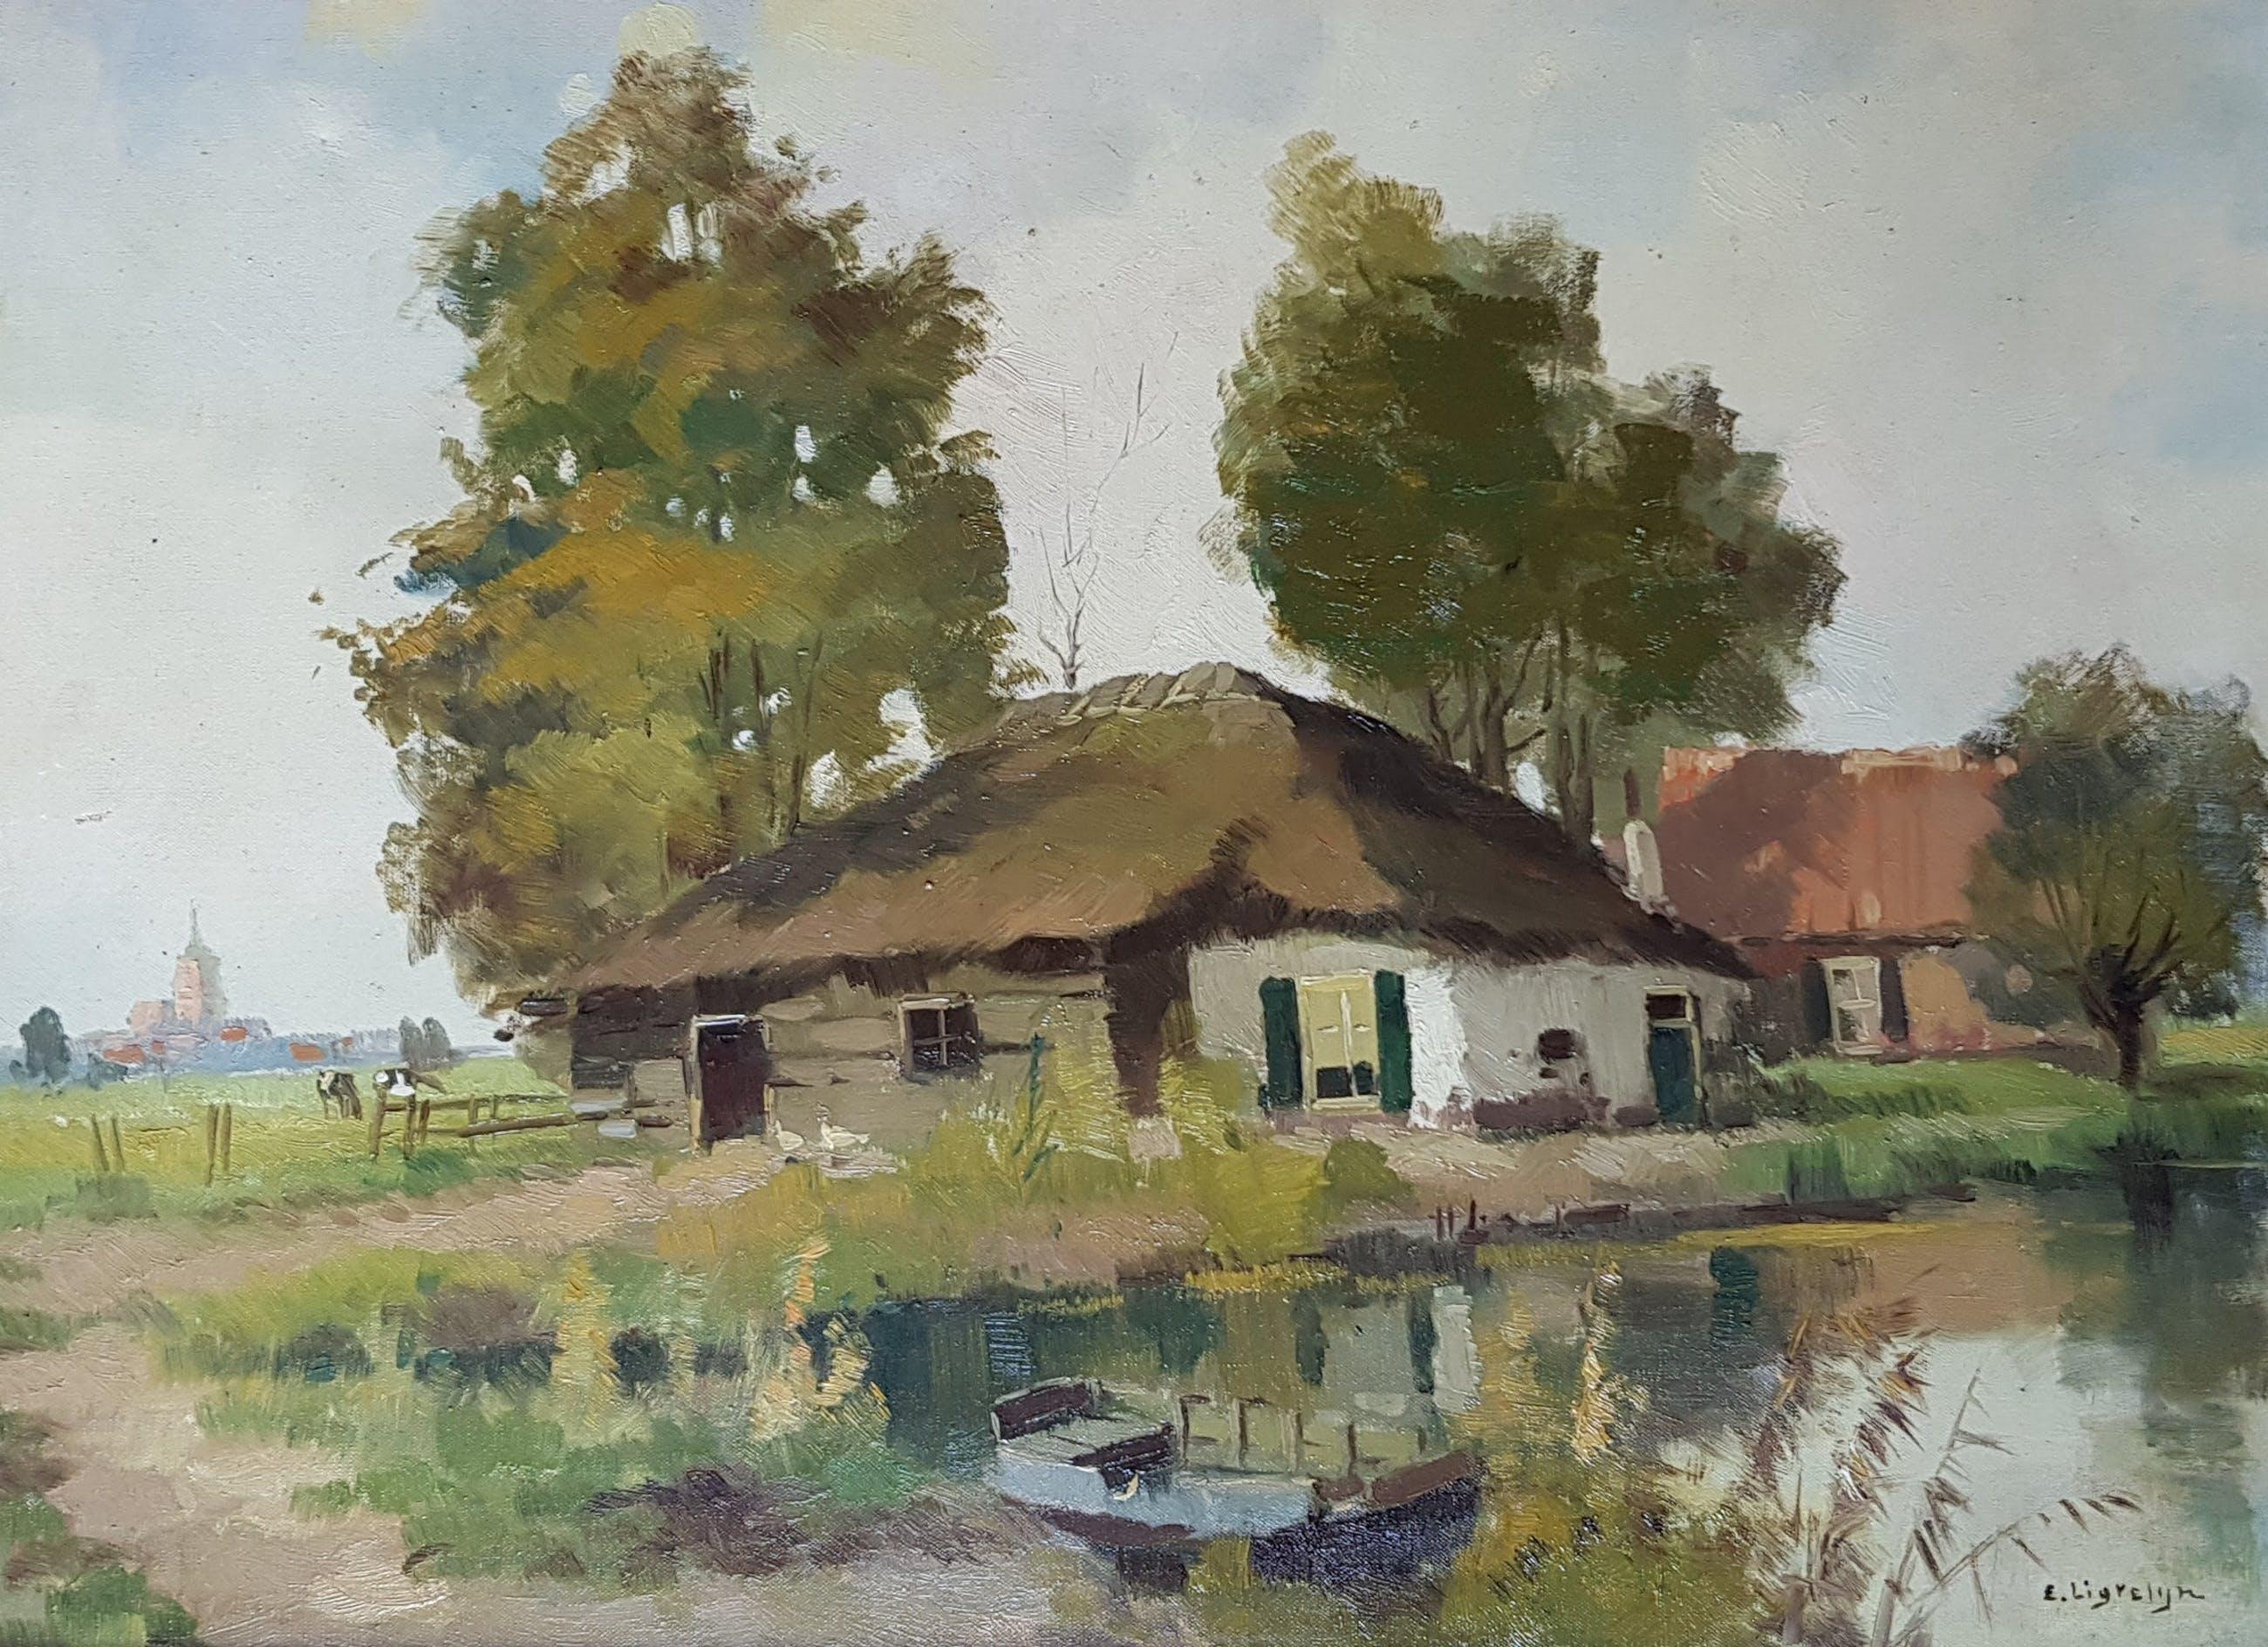 Evert-Jan Ligtelijn - olie op doek, gesigneerd kopen? Bied vanaf 99!